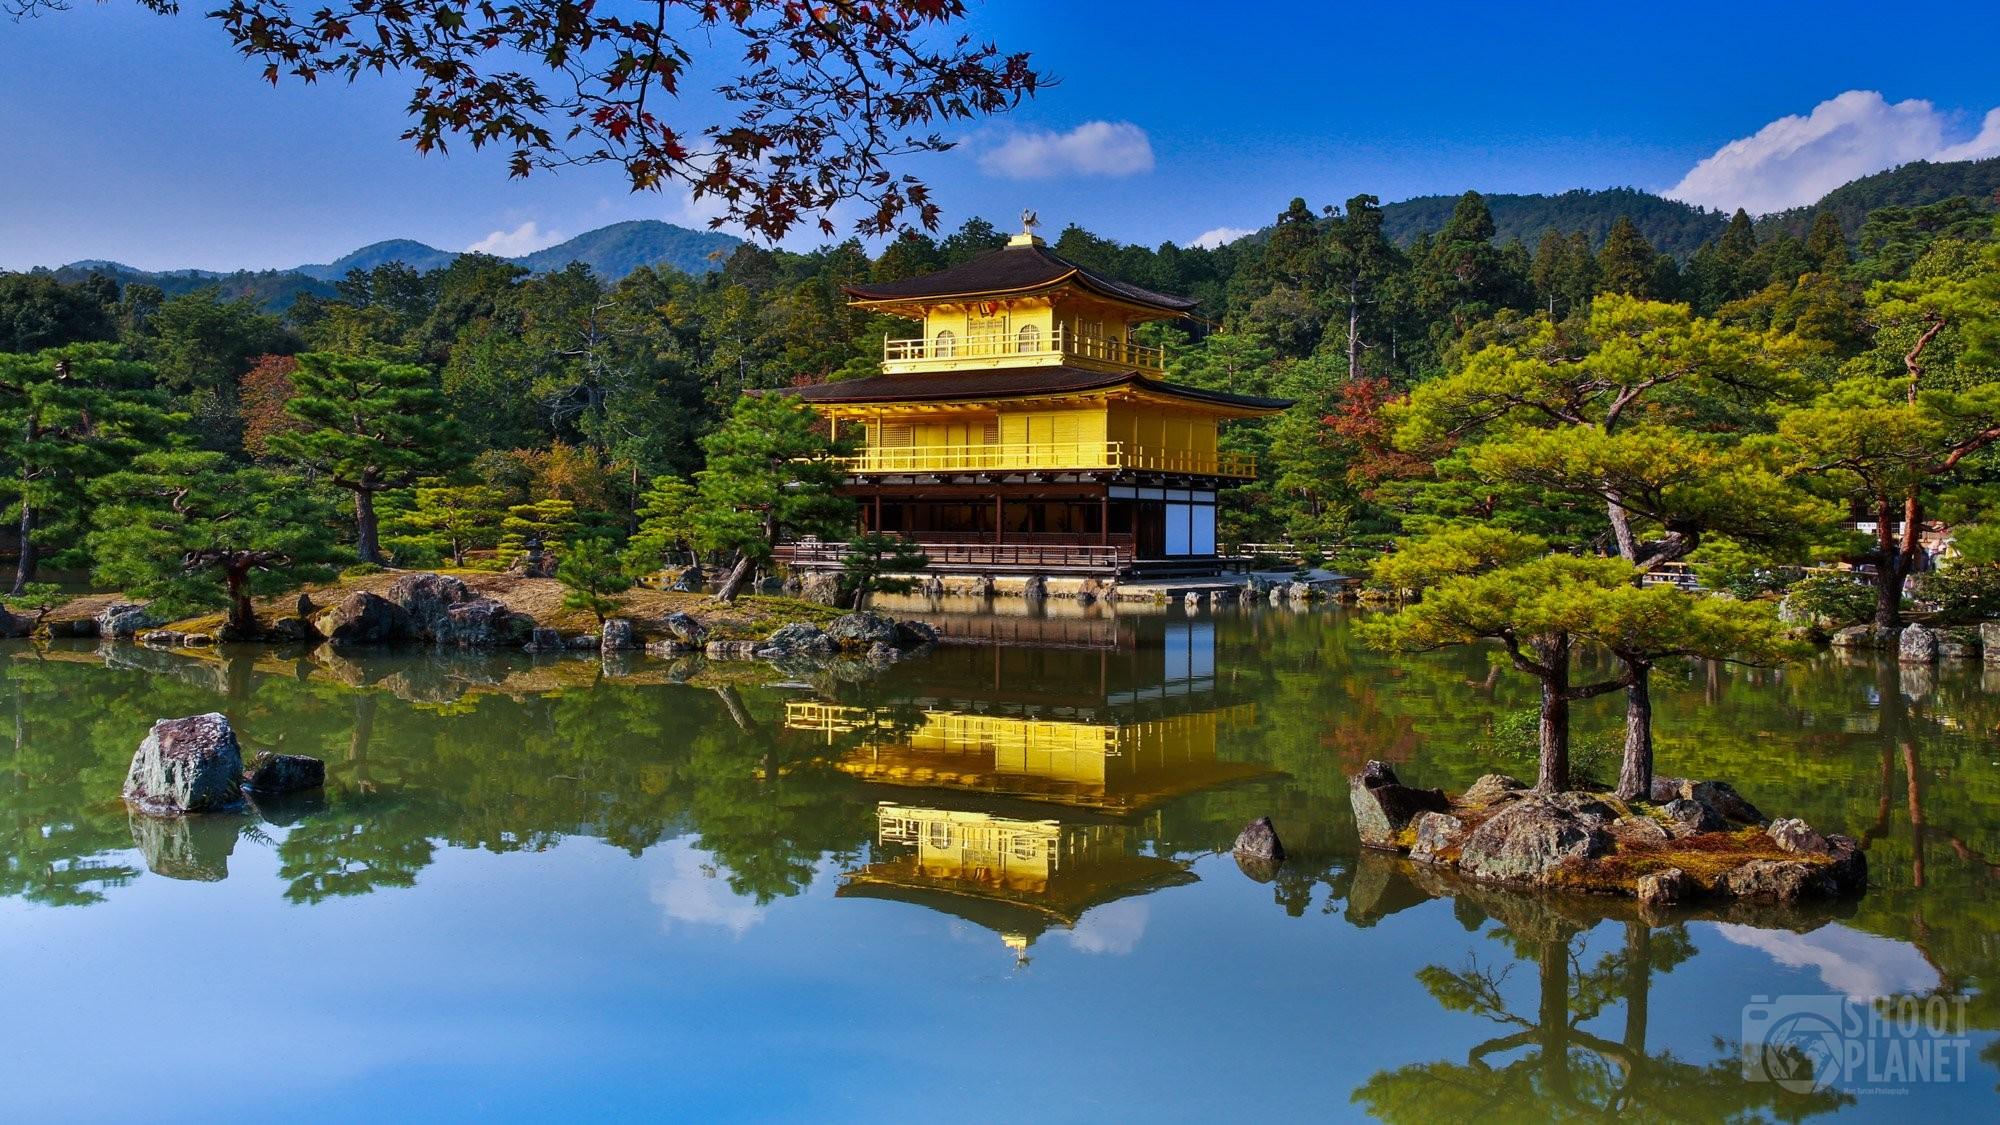 Kinkakuji Golden Pavilion in Kyoto Japan